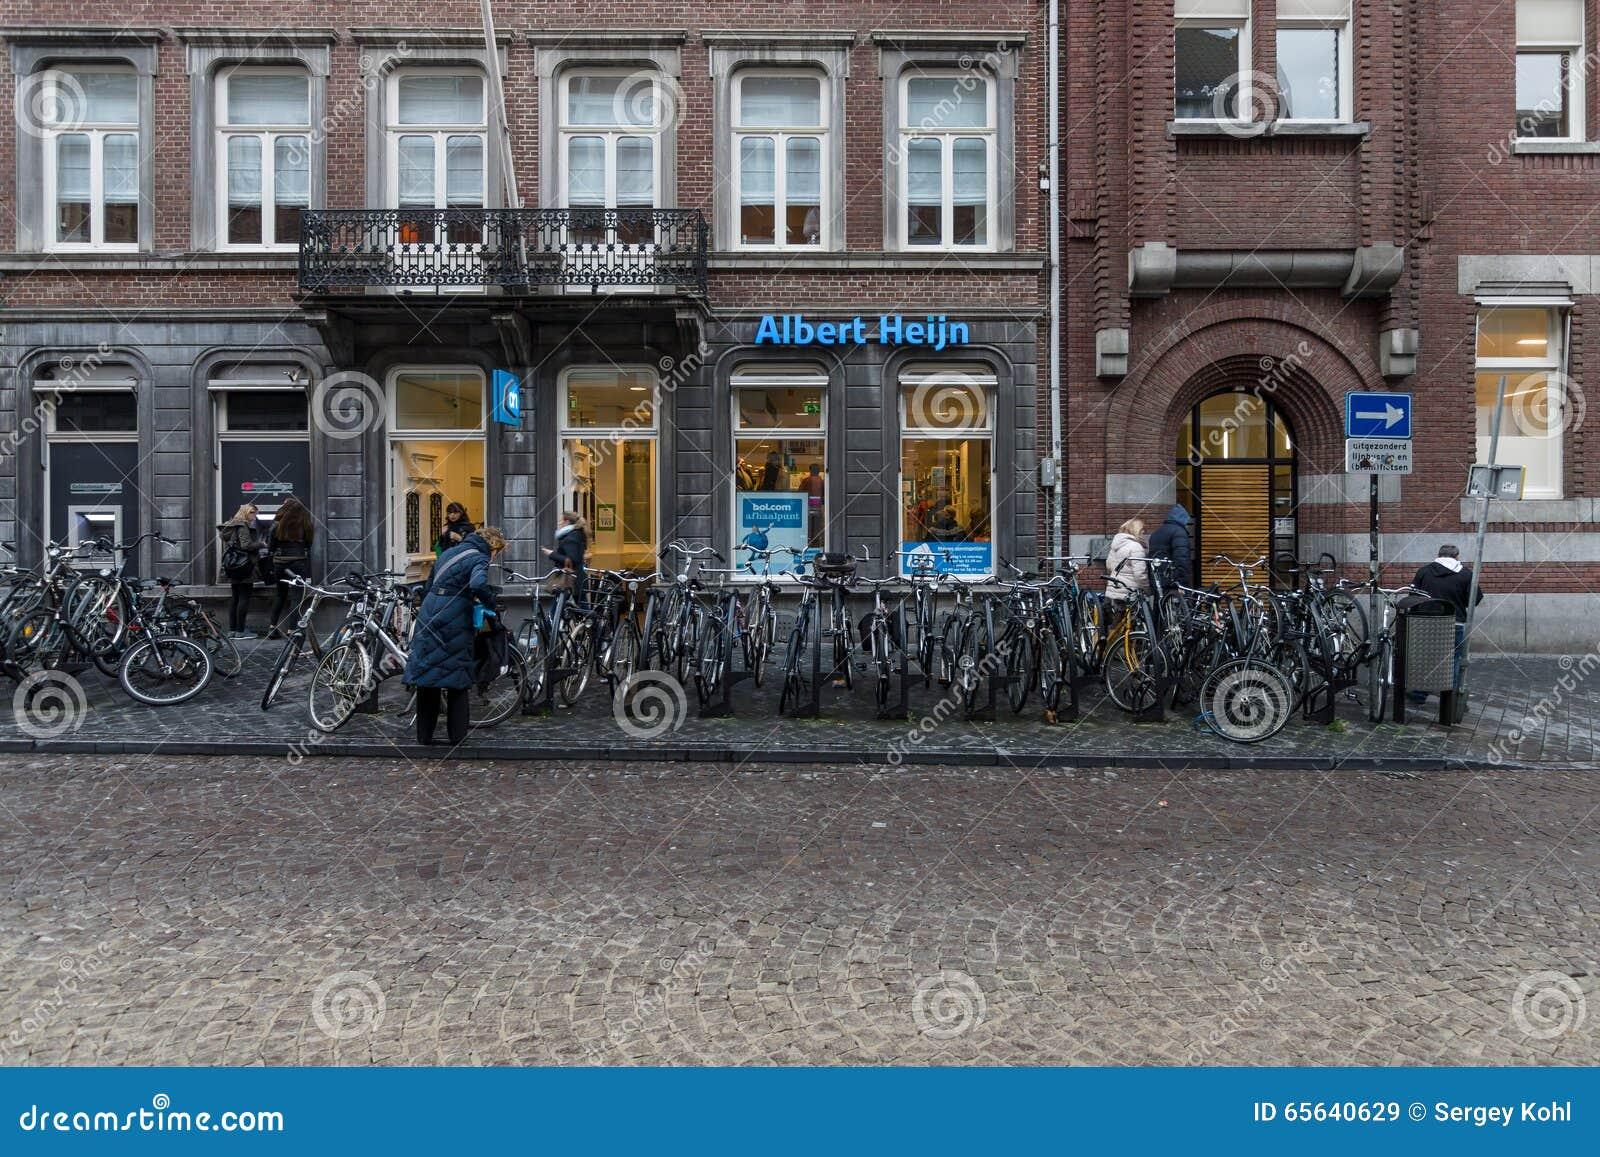 Un supermarché Albert Heijn